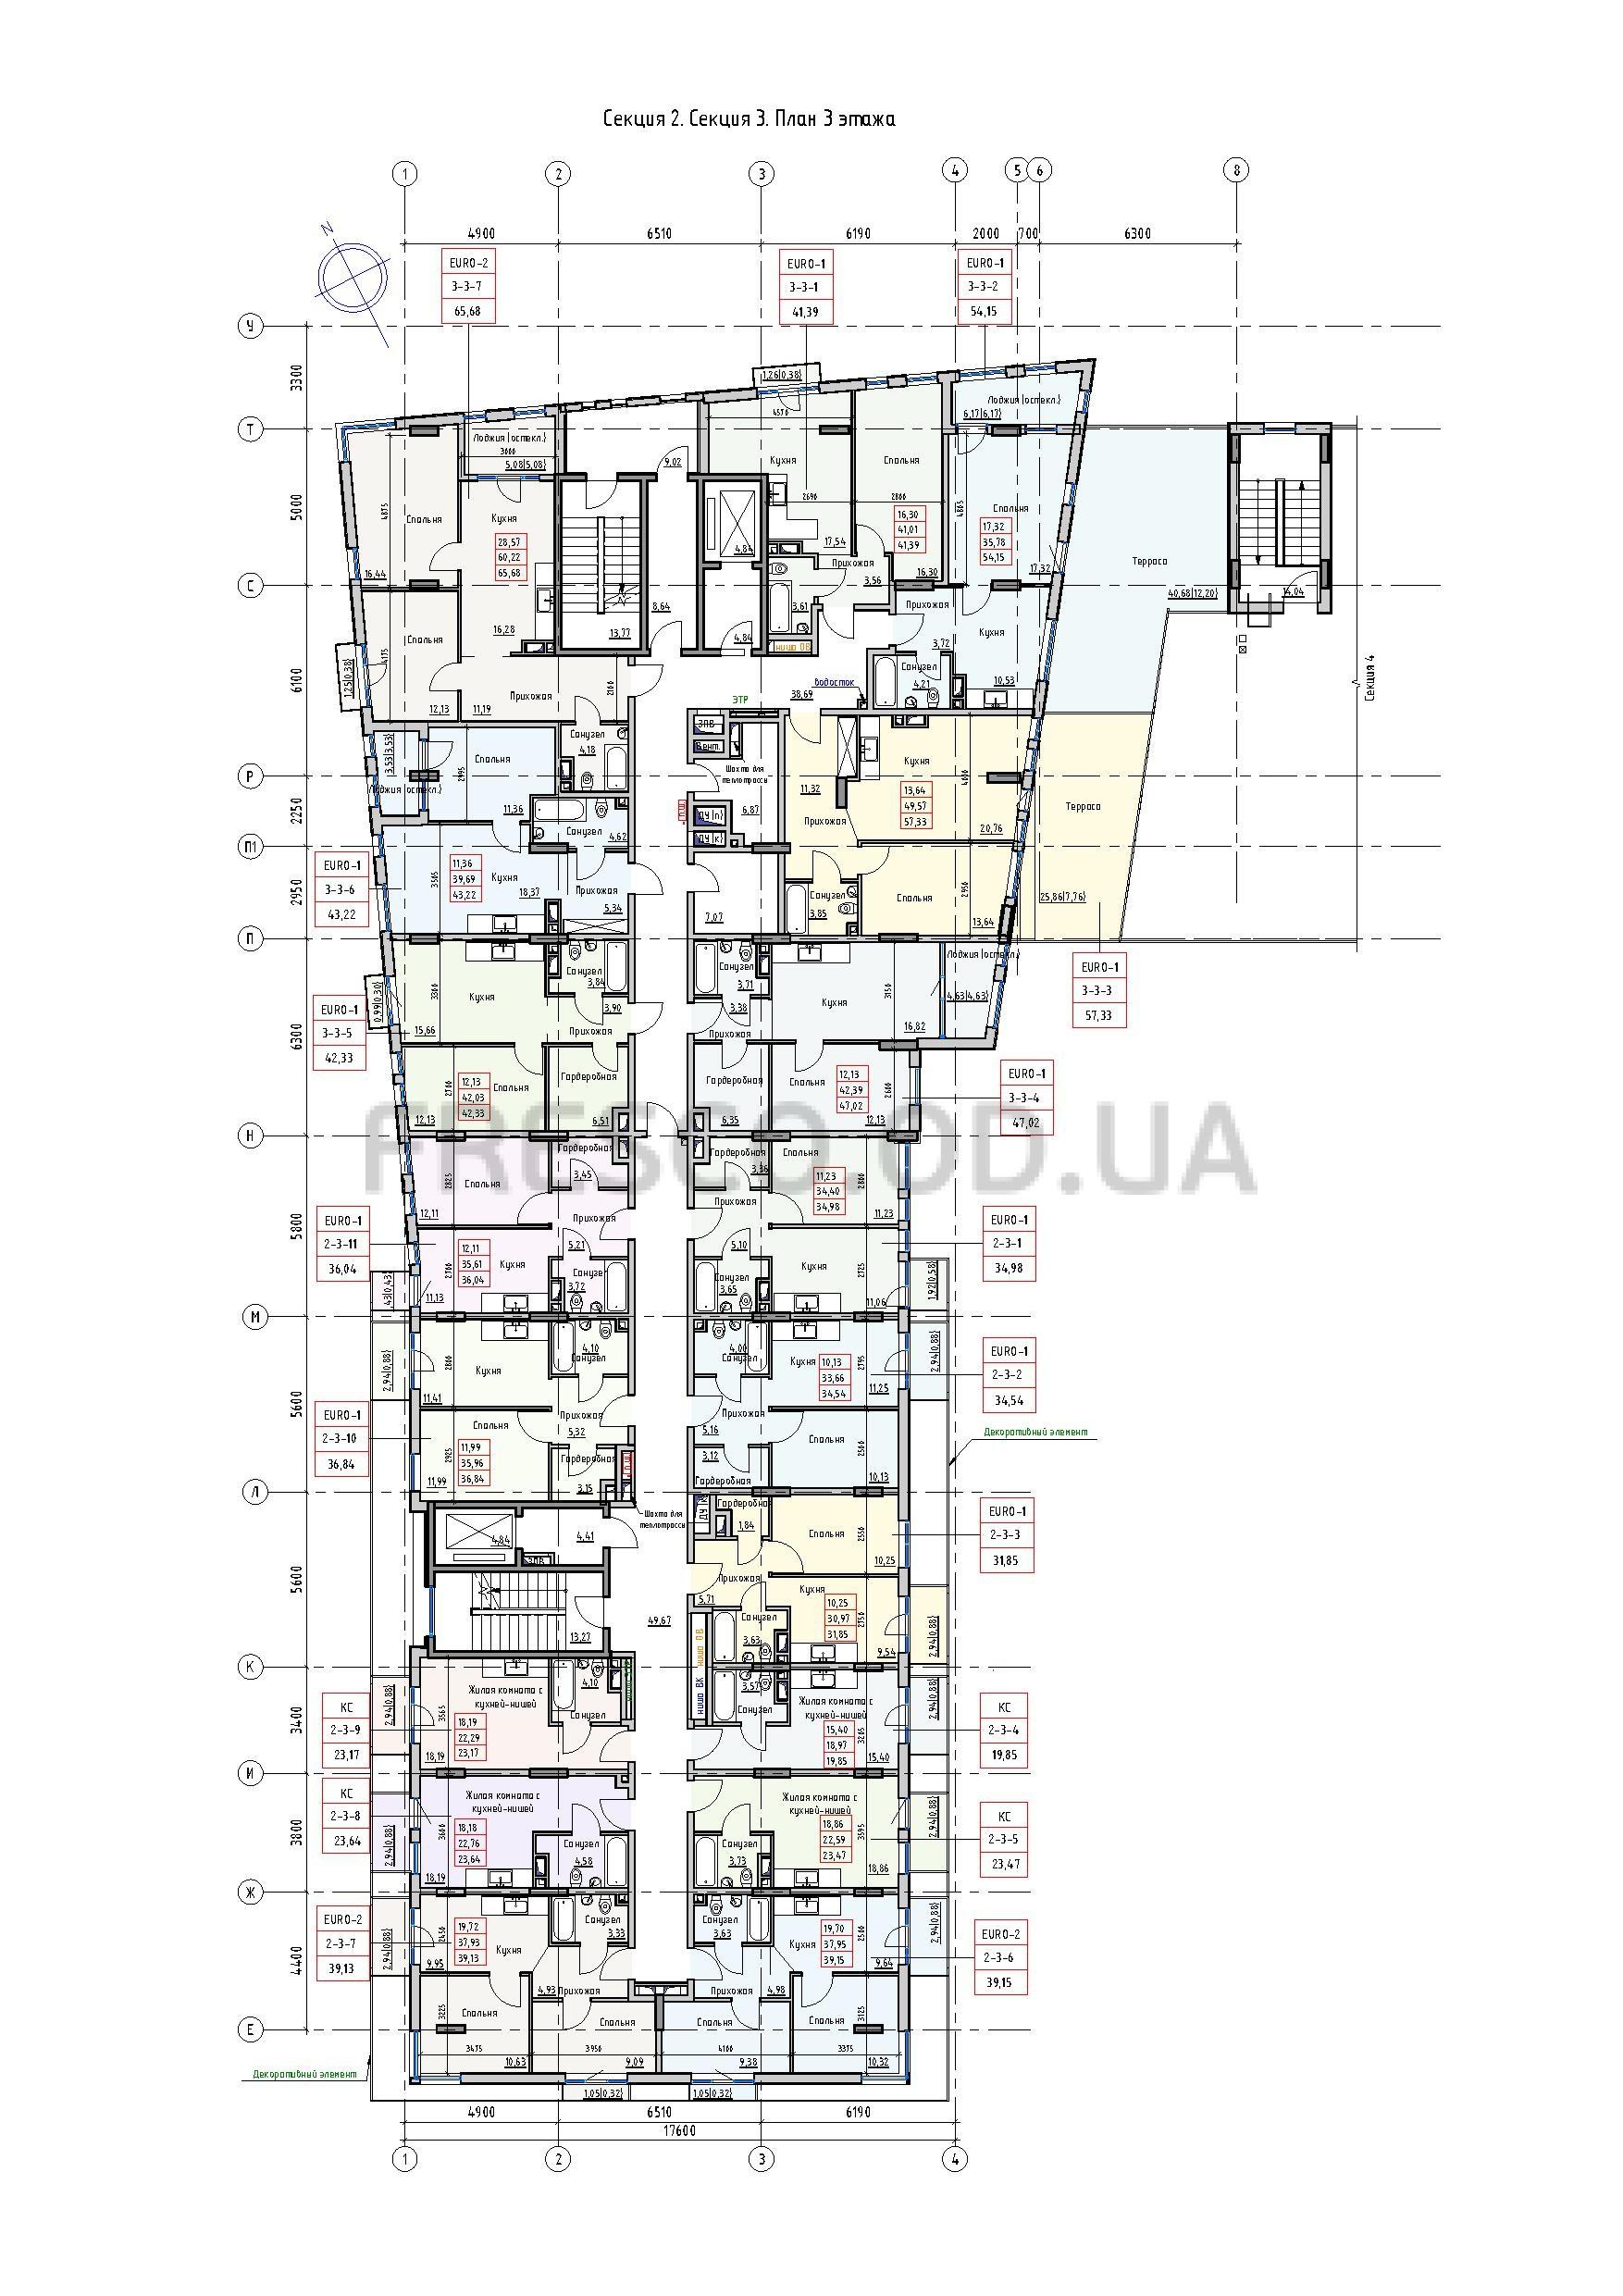 Пространство на Раскидайловской 2,3 секции план 3 этажа